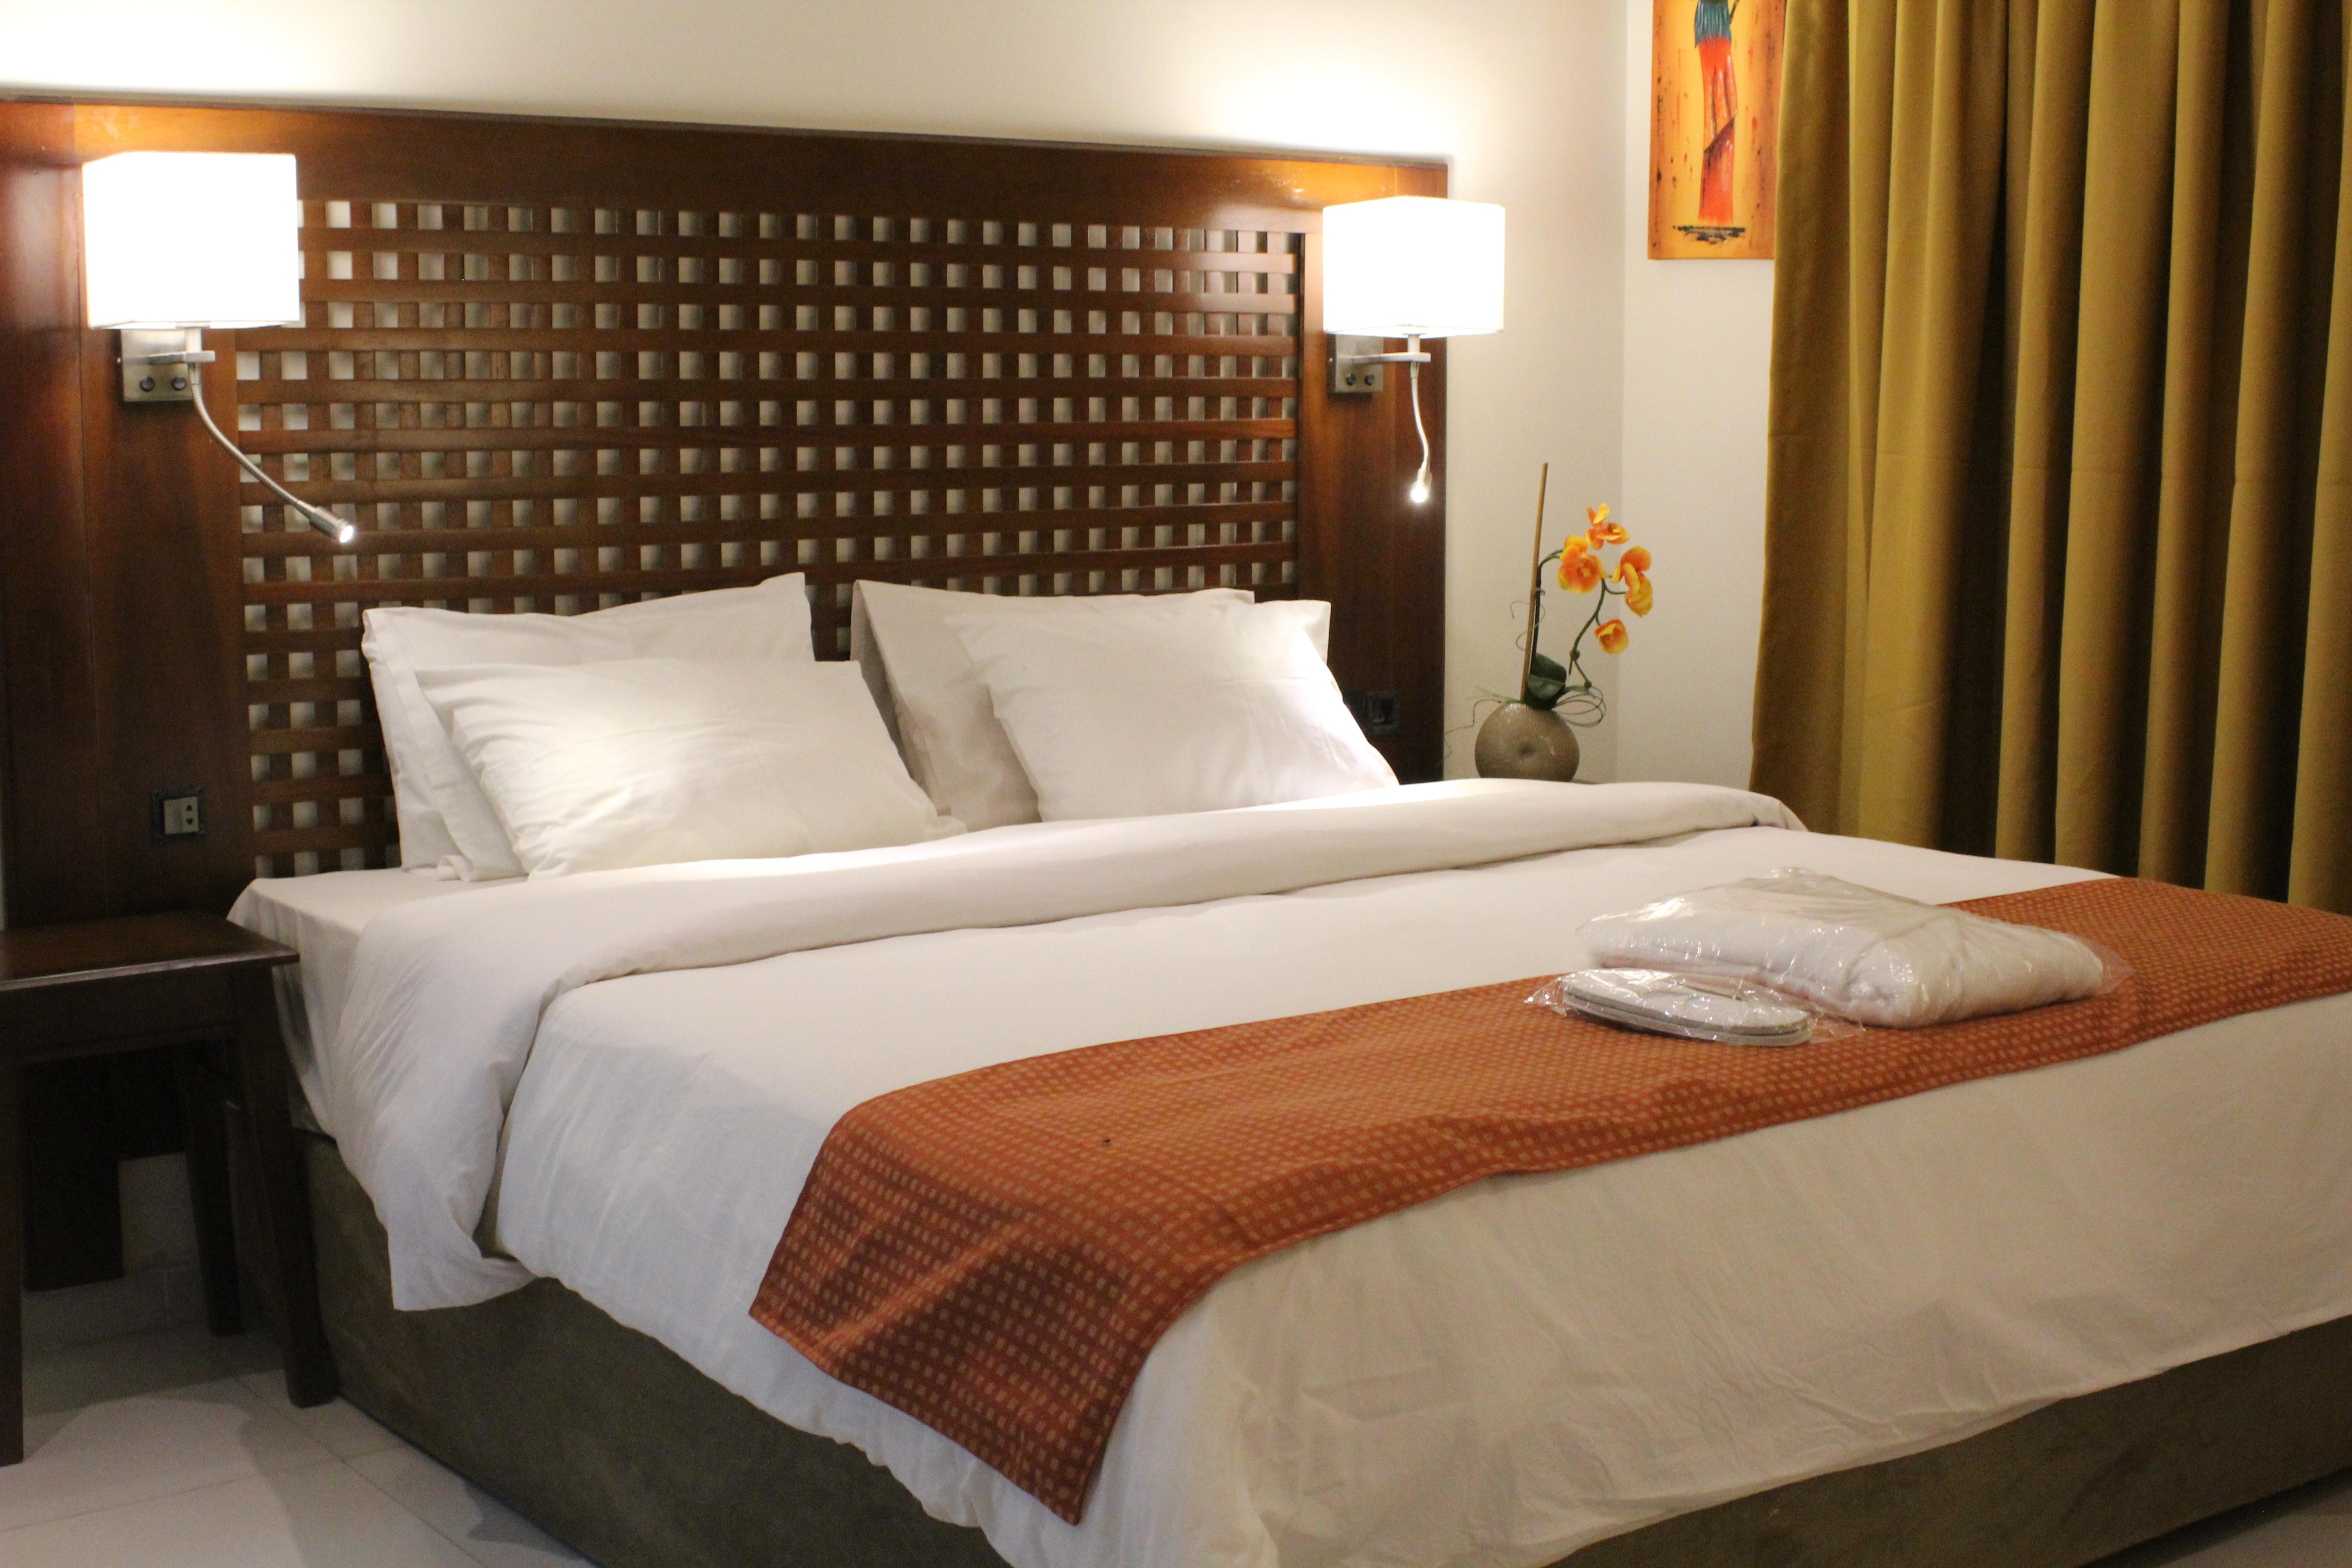 Best Western Plus Atlanatic Hotel Takoradi Ghana Guest RoomGuest Room